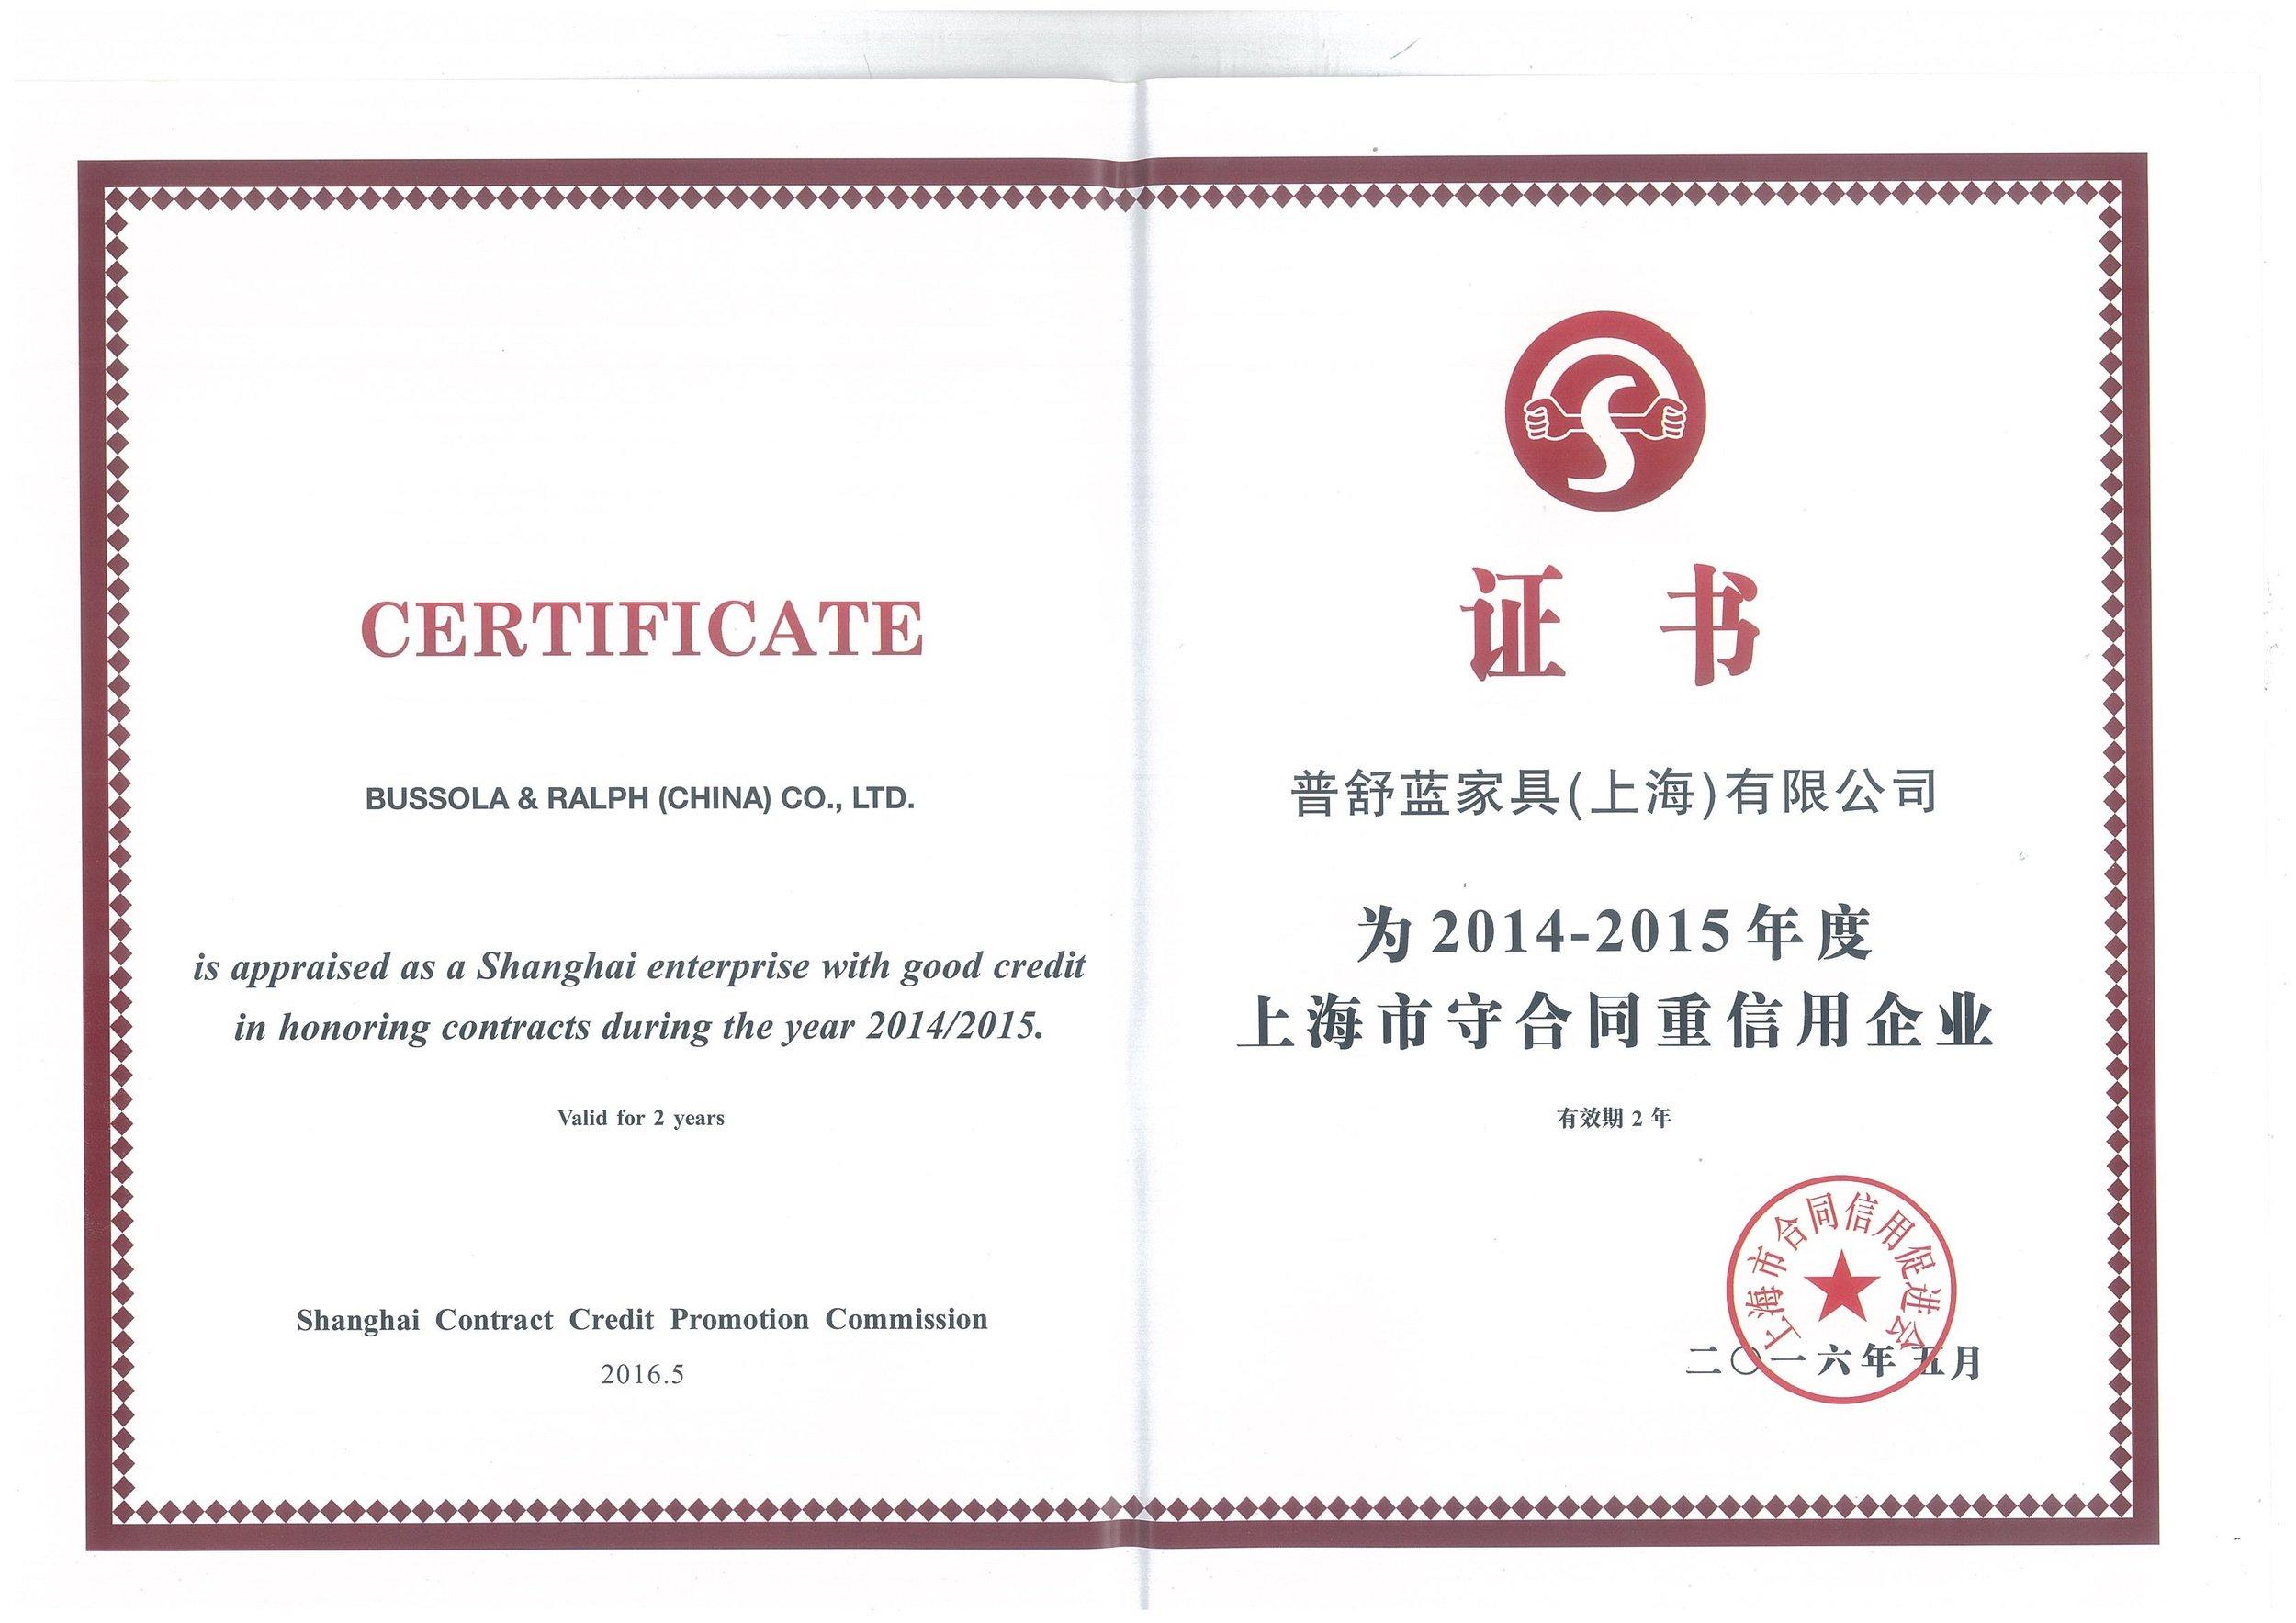 Contract Credit Certificate 3.jpg